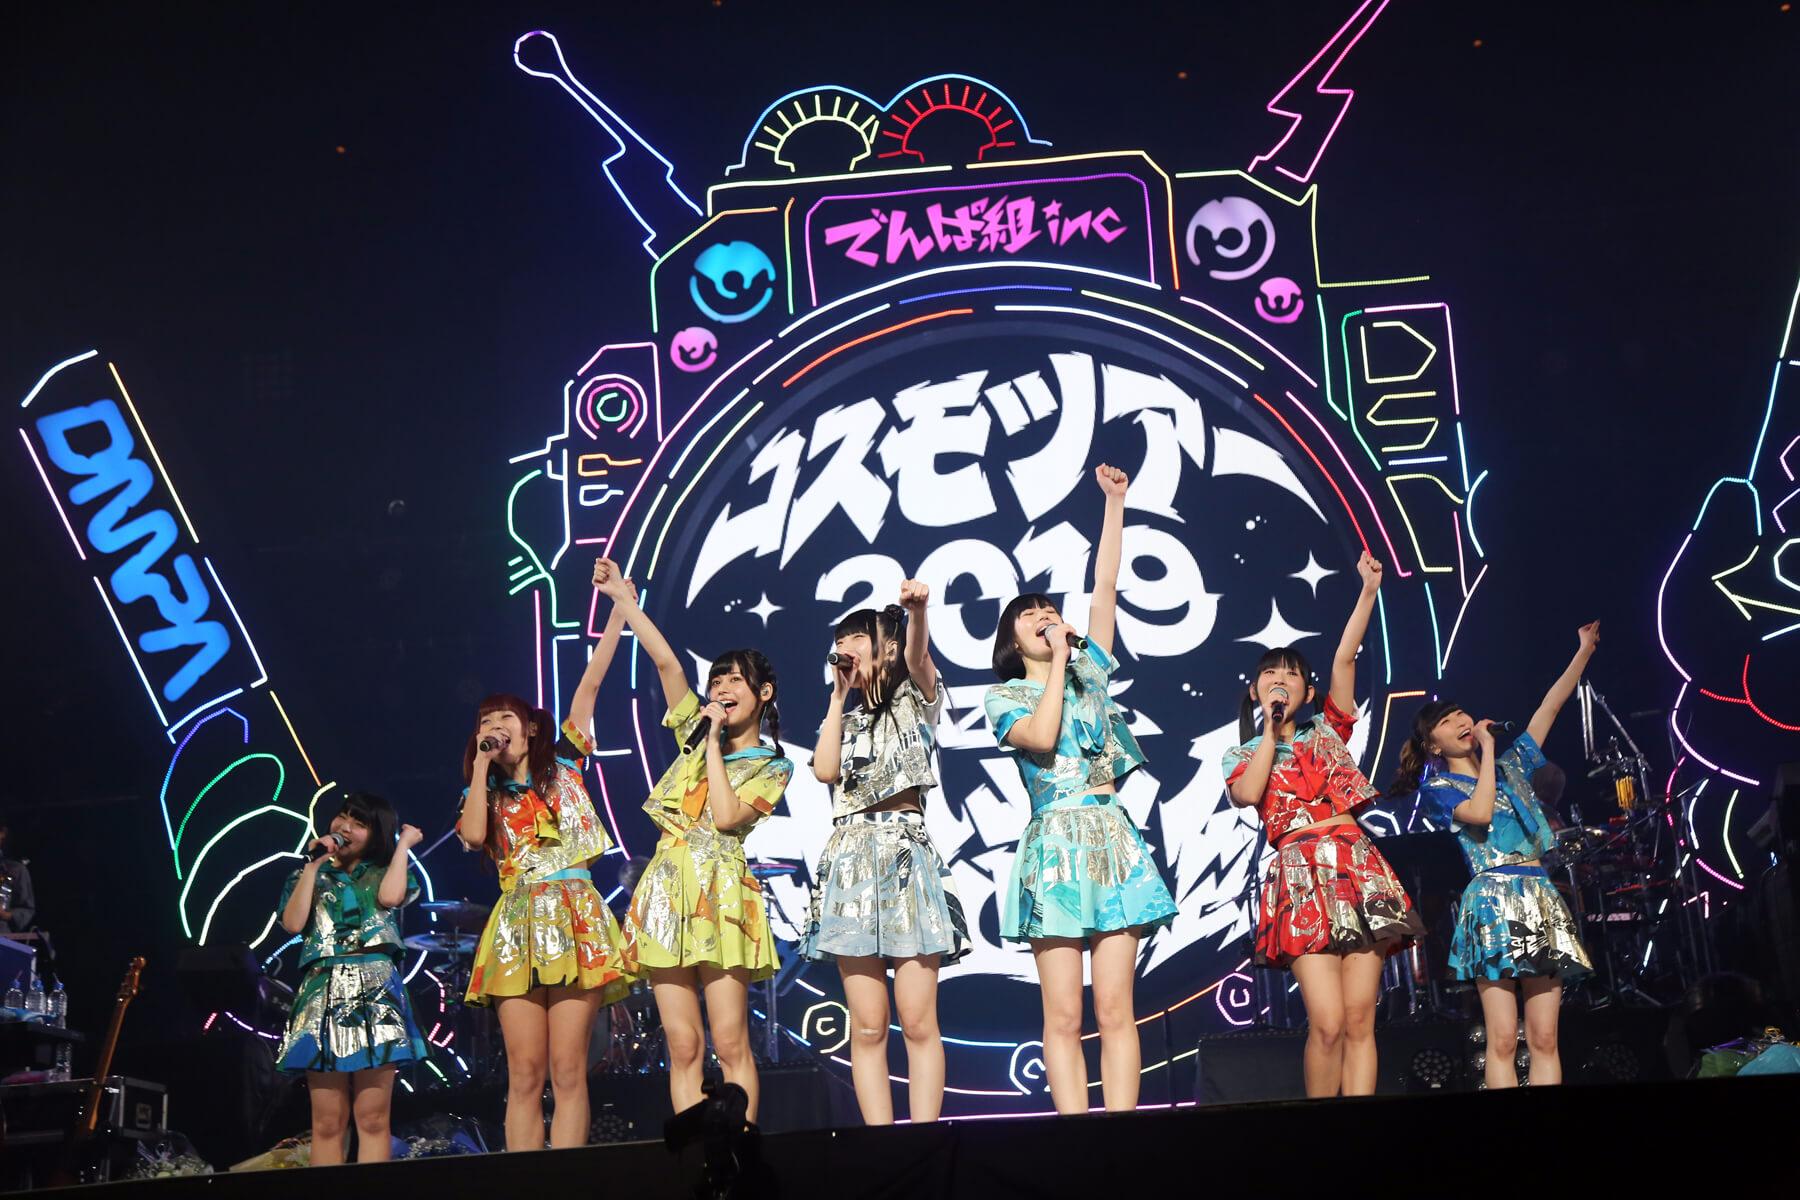 電波組.inc夢眠Nemu畢業!新體制6人組合電波組.inc東名阪Live House巡演即將展開 電波組、